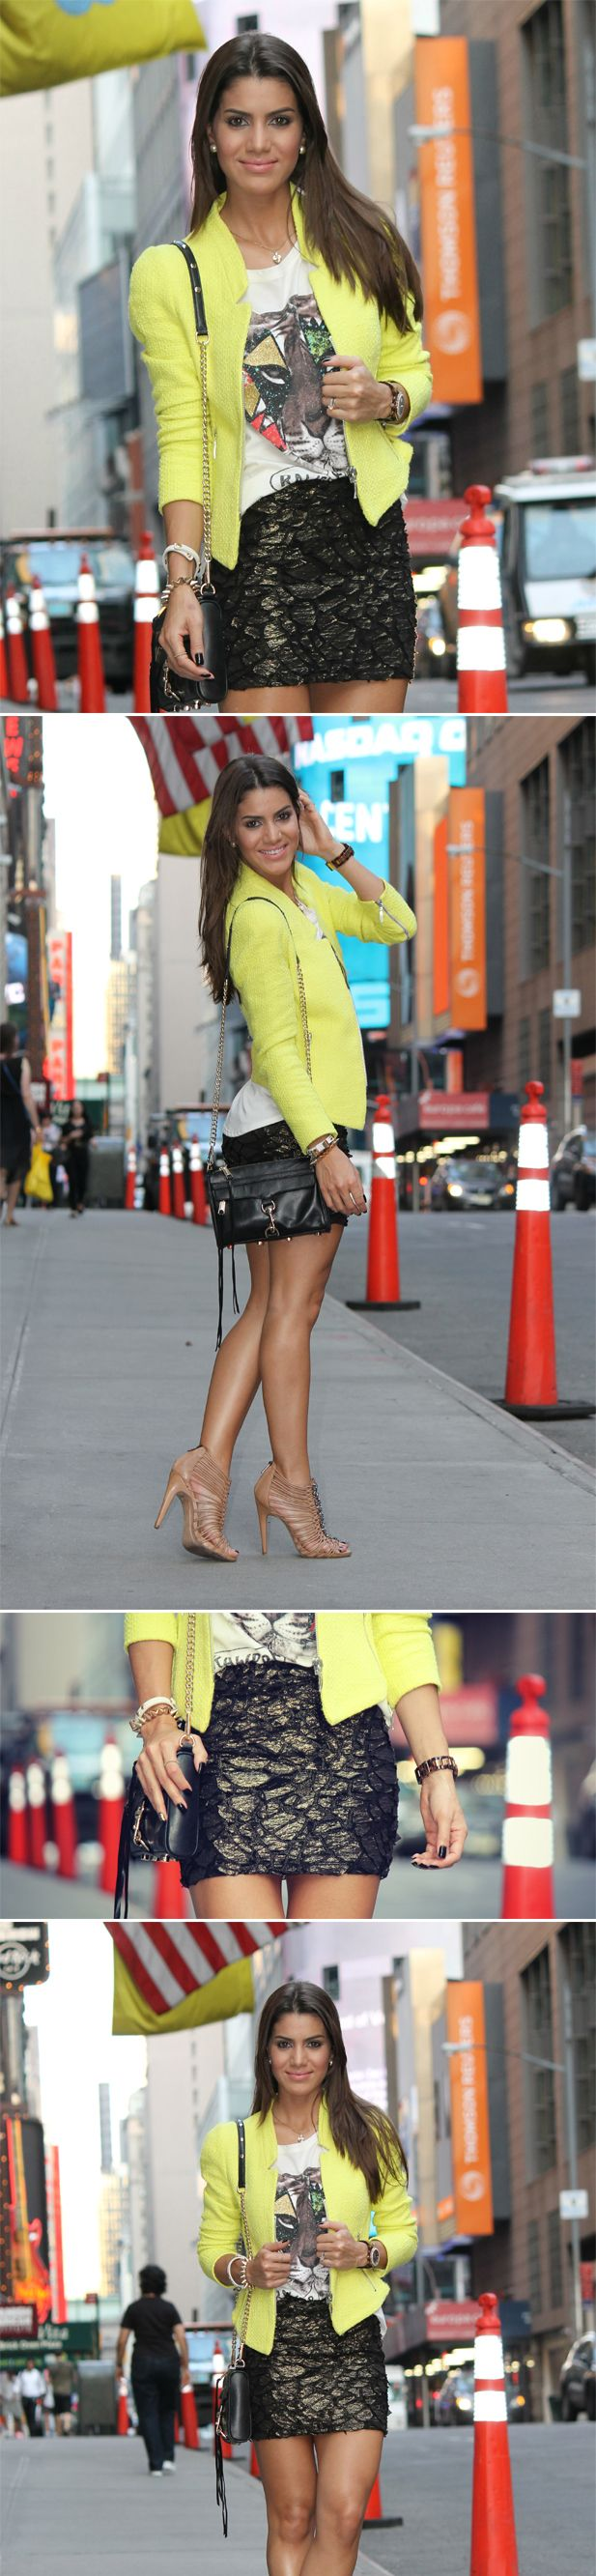 Jaqueta amarela + t-shirt + mini saia.